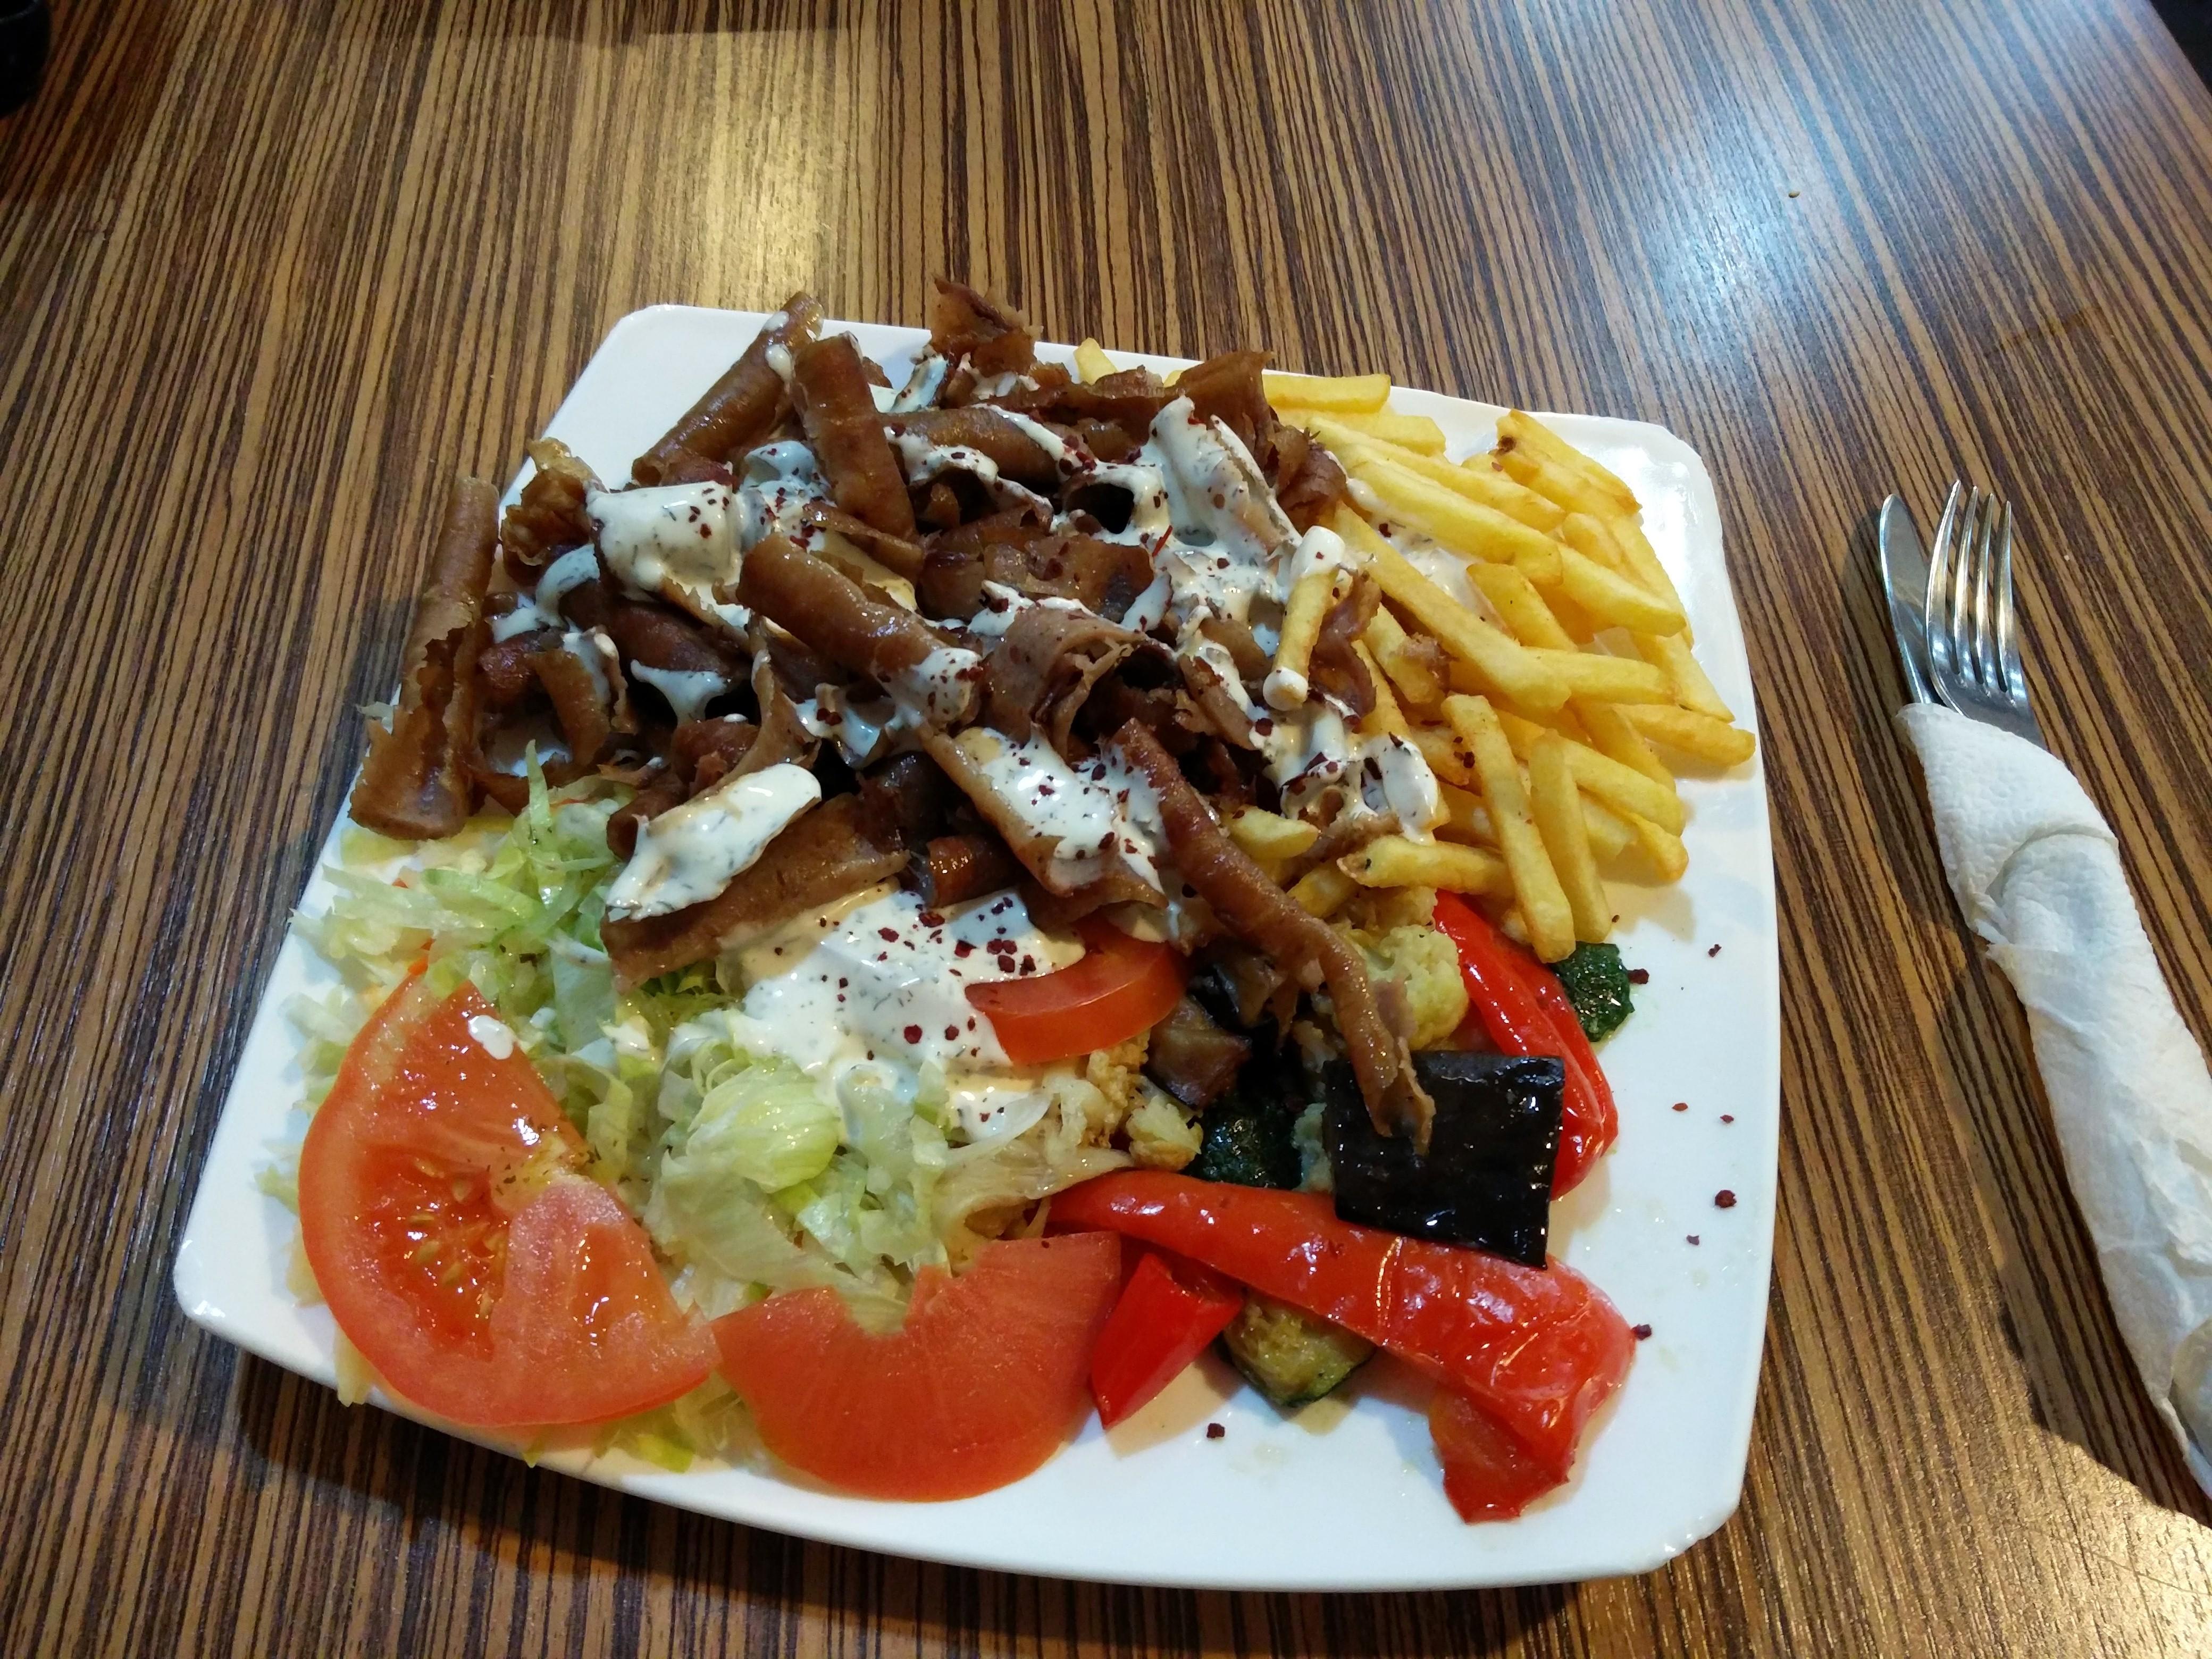 https://foodloader.net/nico_2015-11-06_doenerteller-mit-pommes-und-grillgemuese.jpg